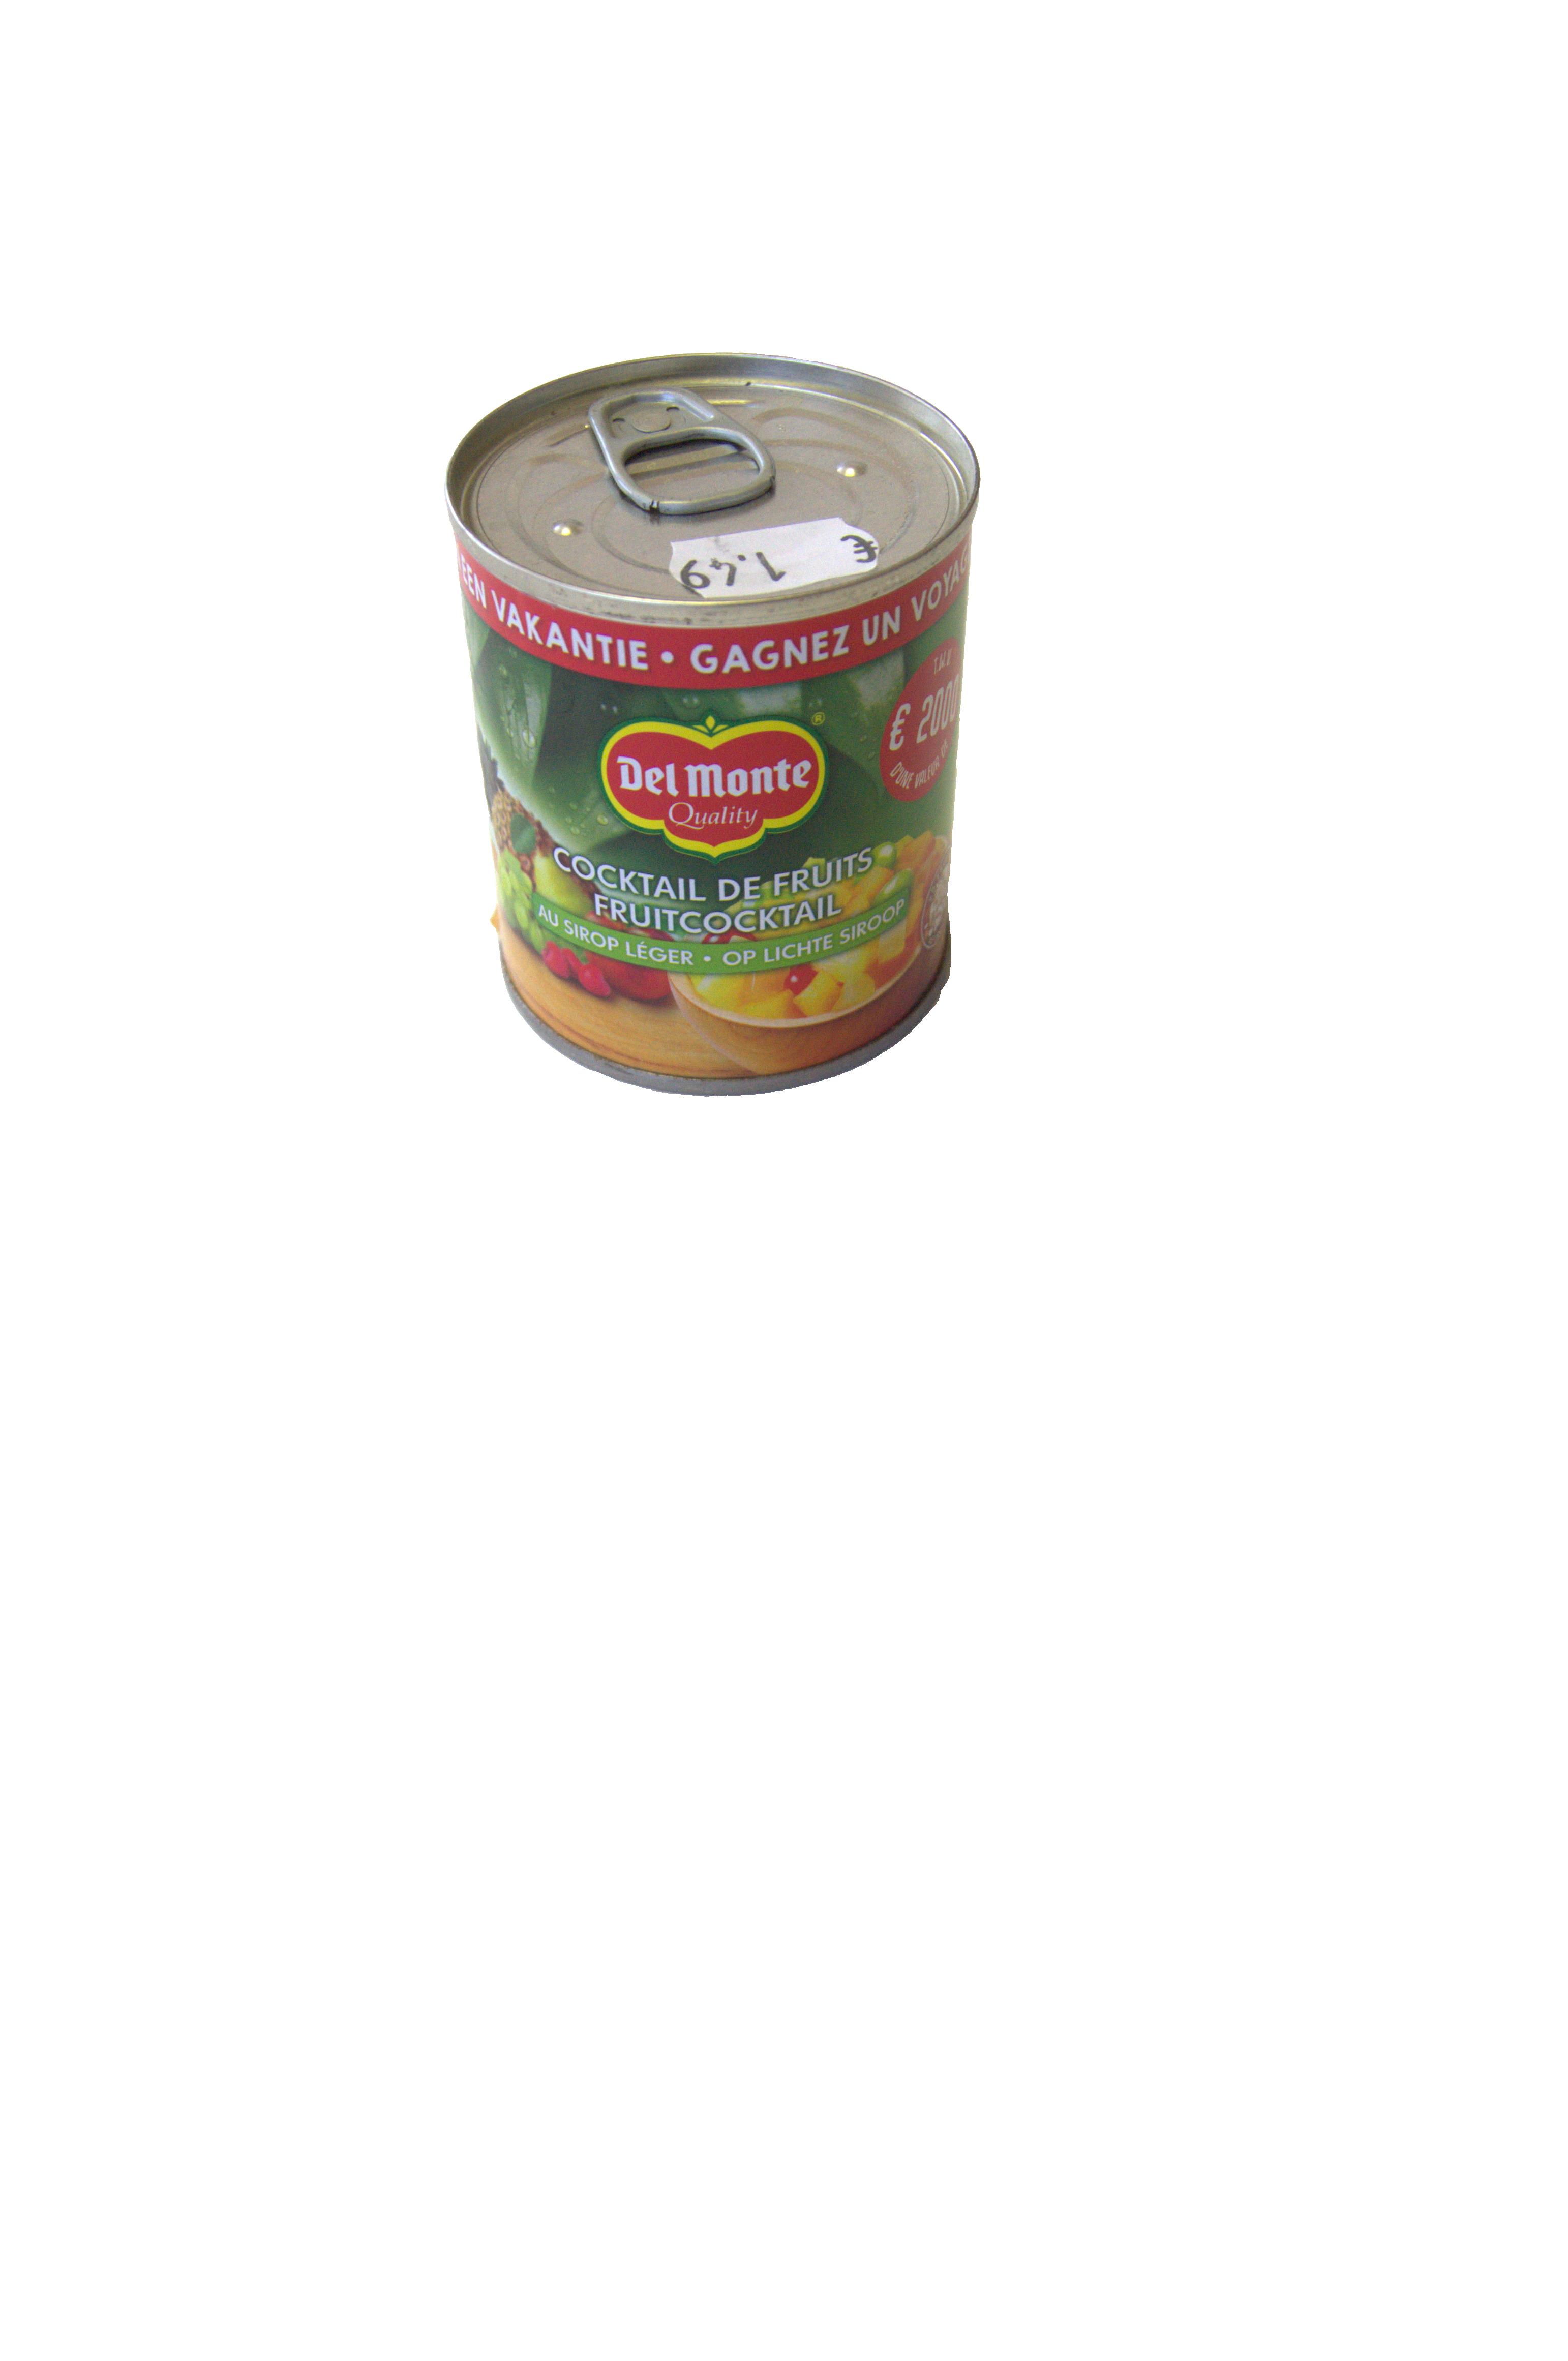 fruitcocktail op siroop delmonte 227g